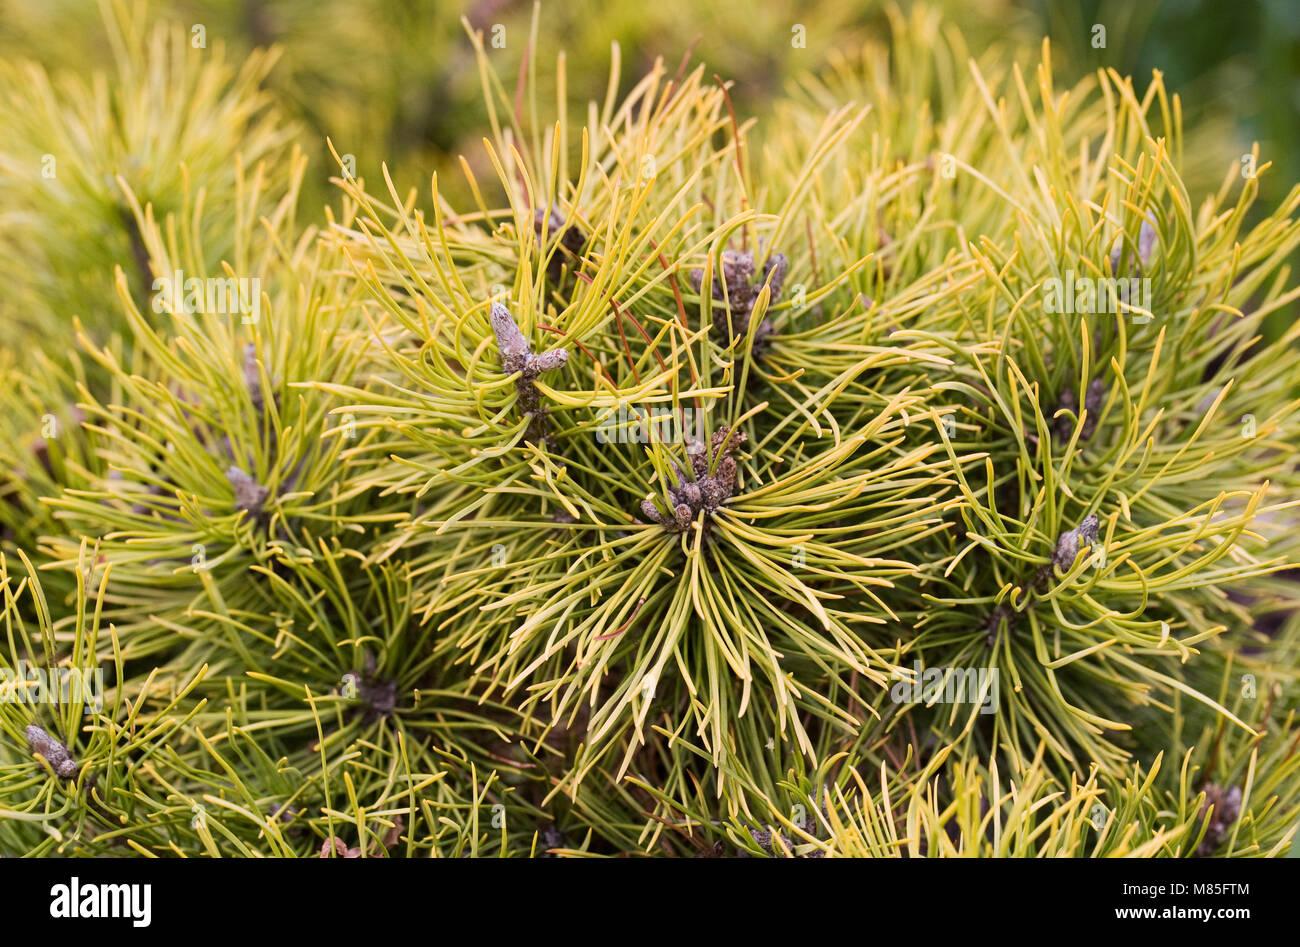 Evergreen Conifer Imágenes De Stock & Evergreen Conifer Fotos De ...